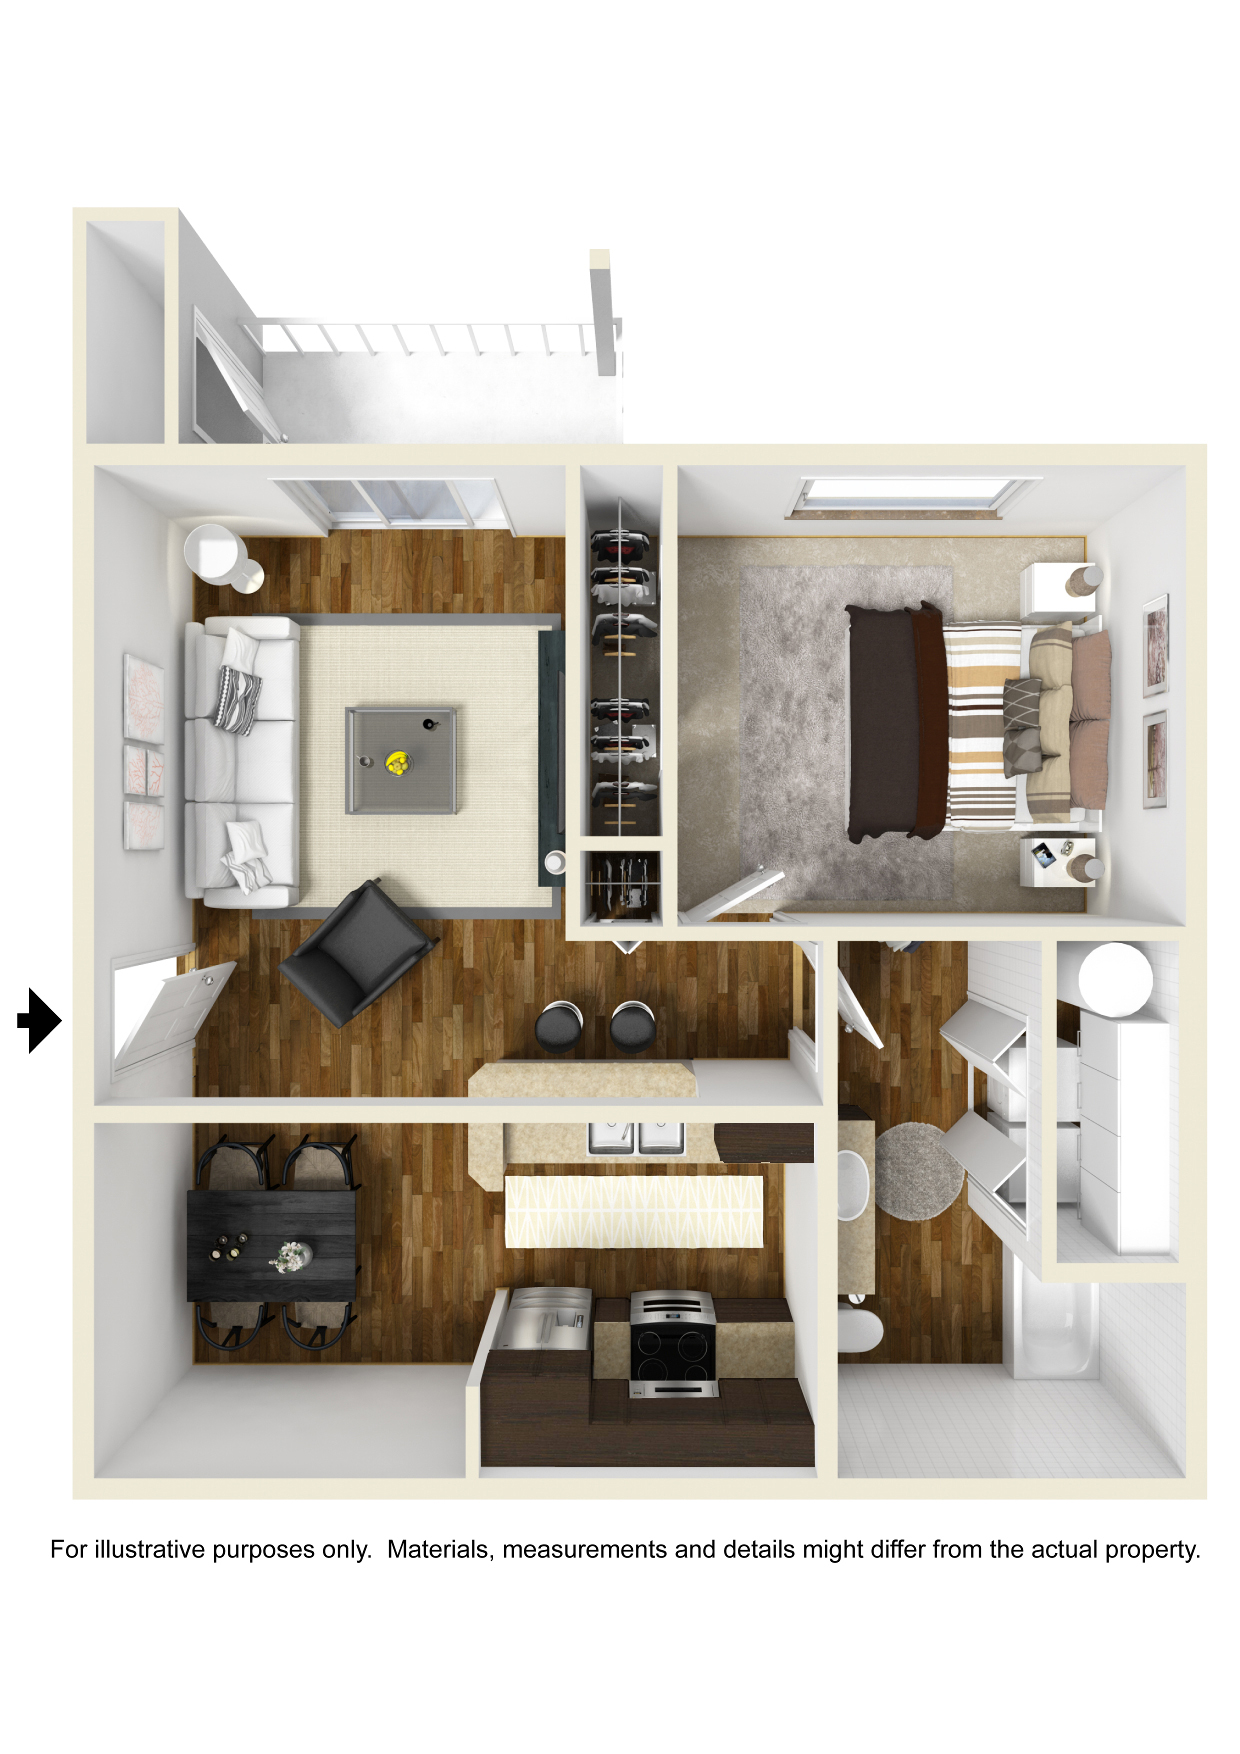 propertysolutions.com.com